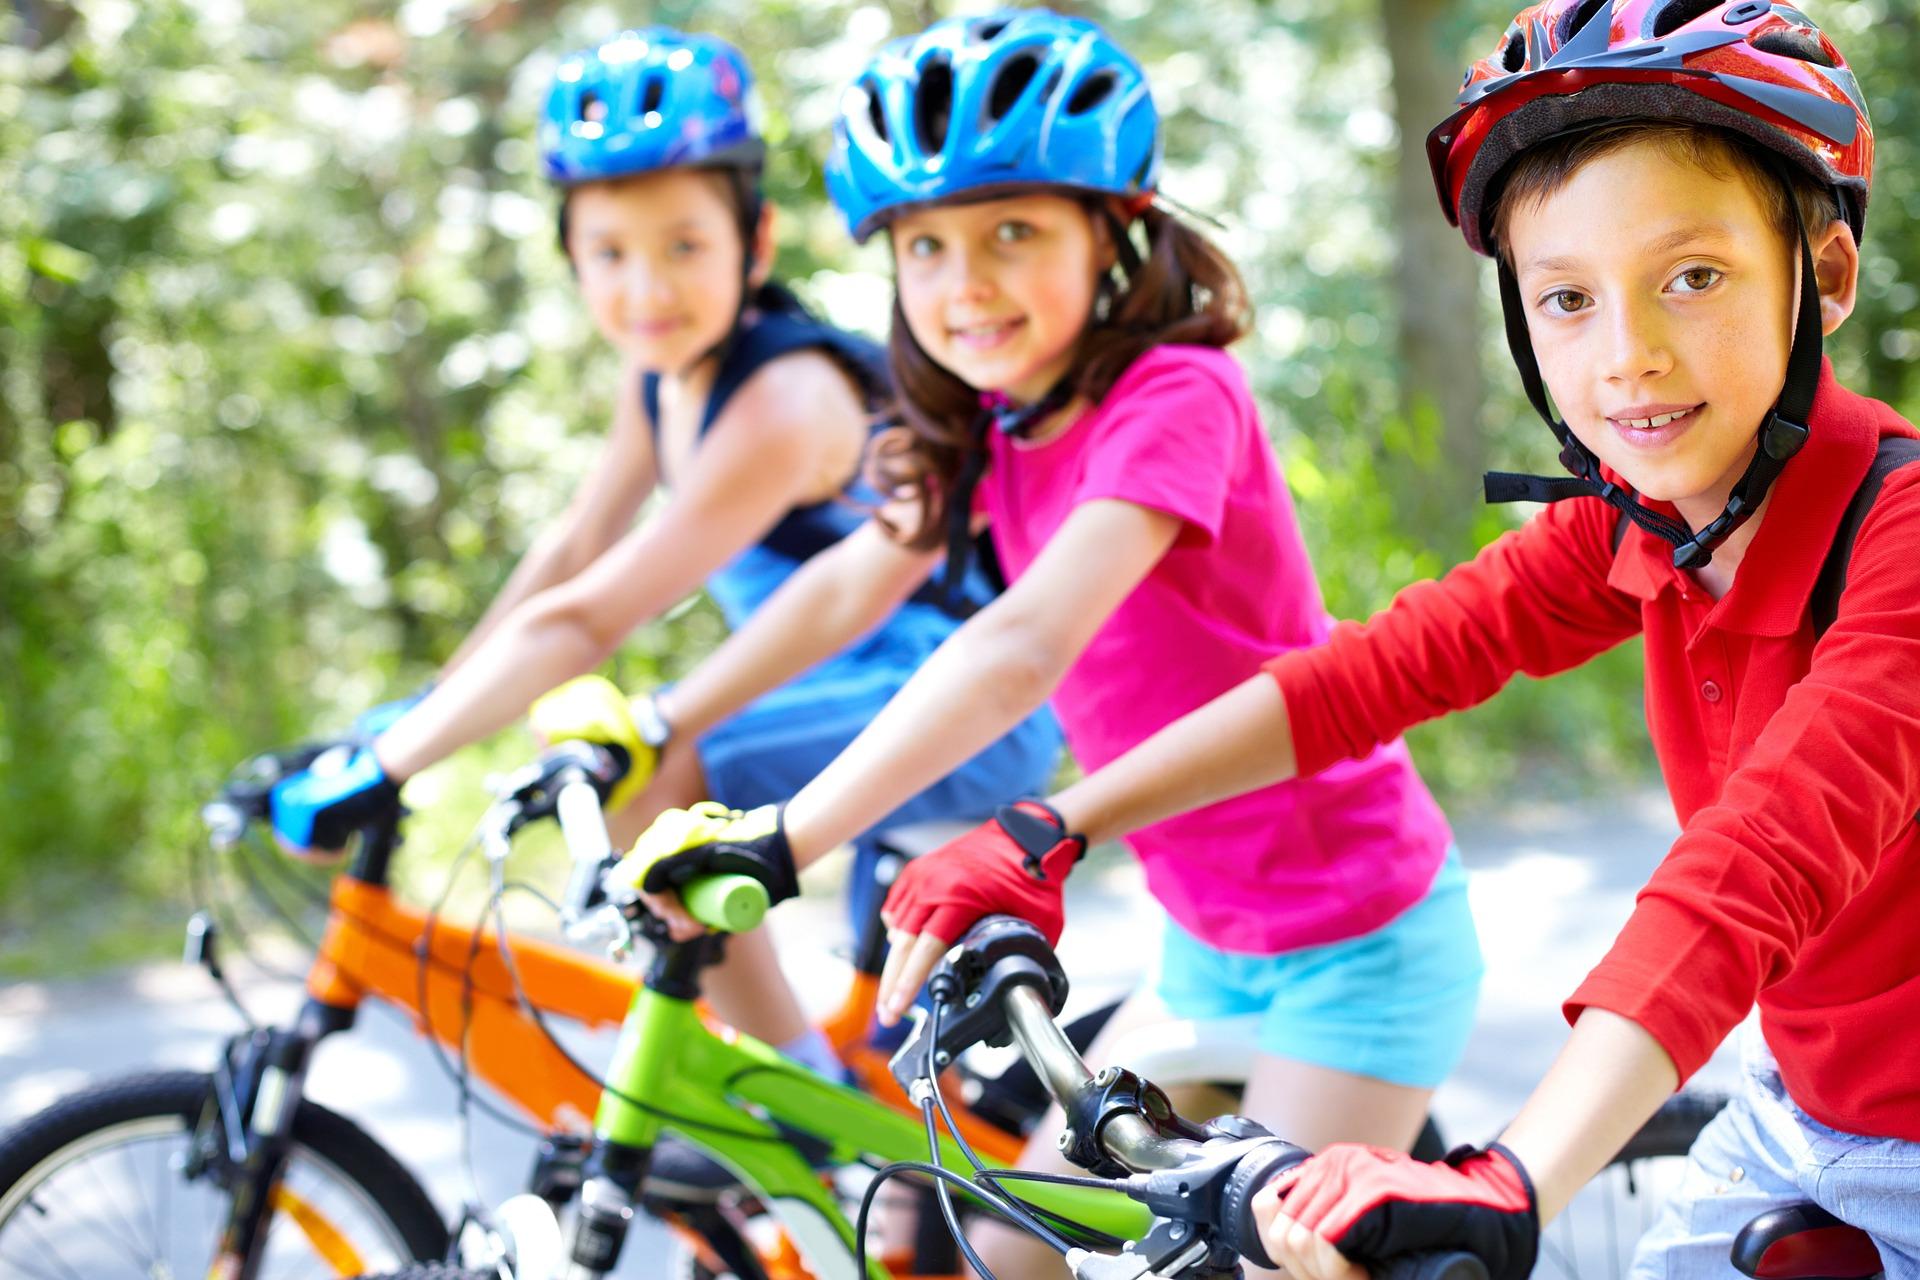 À Vél'eau, le stage vélo enfant de l'été à Bruxelles